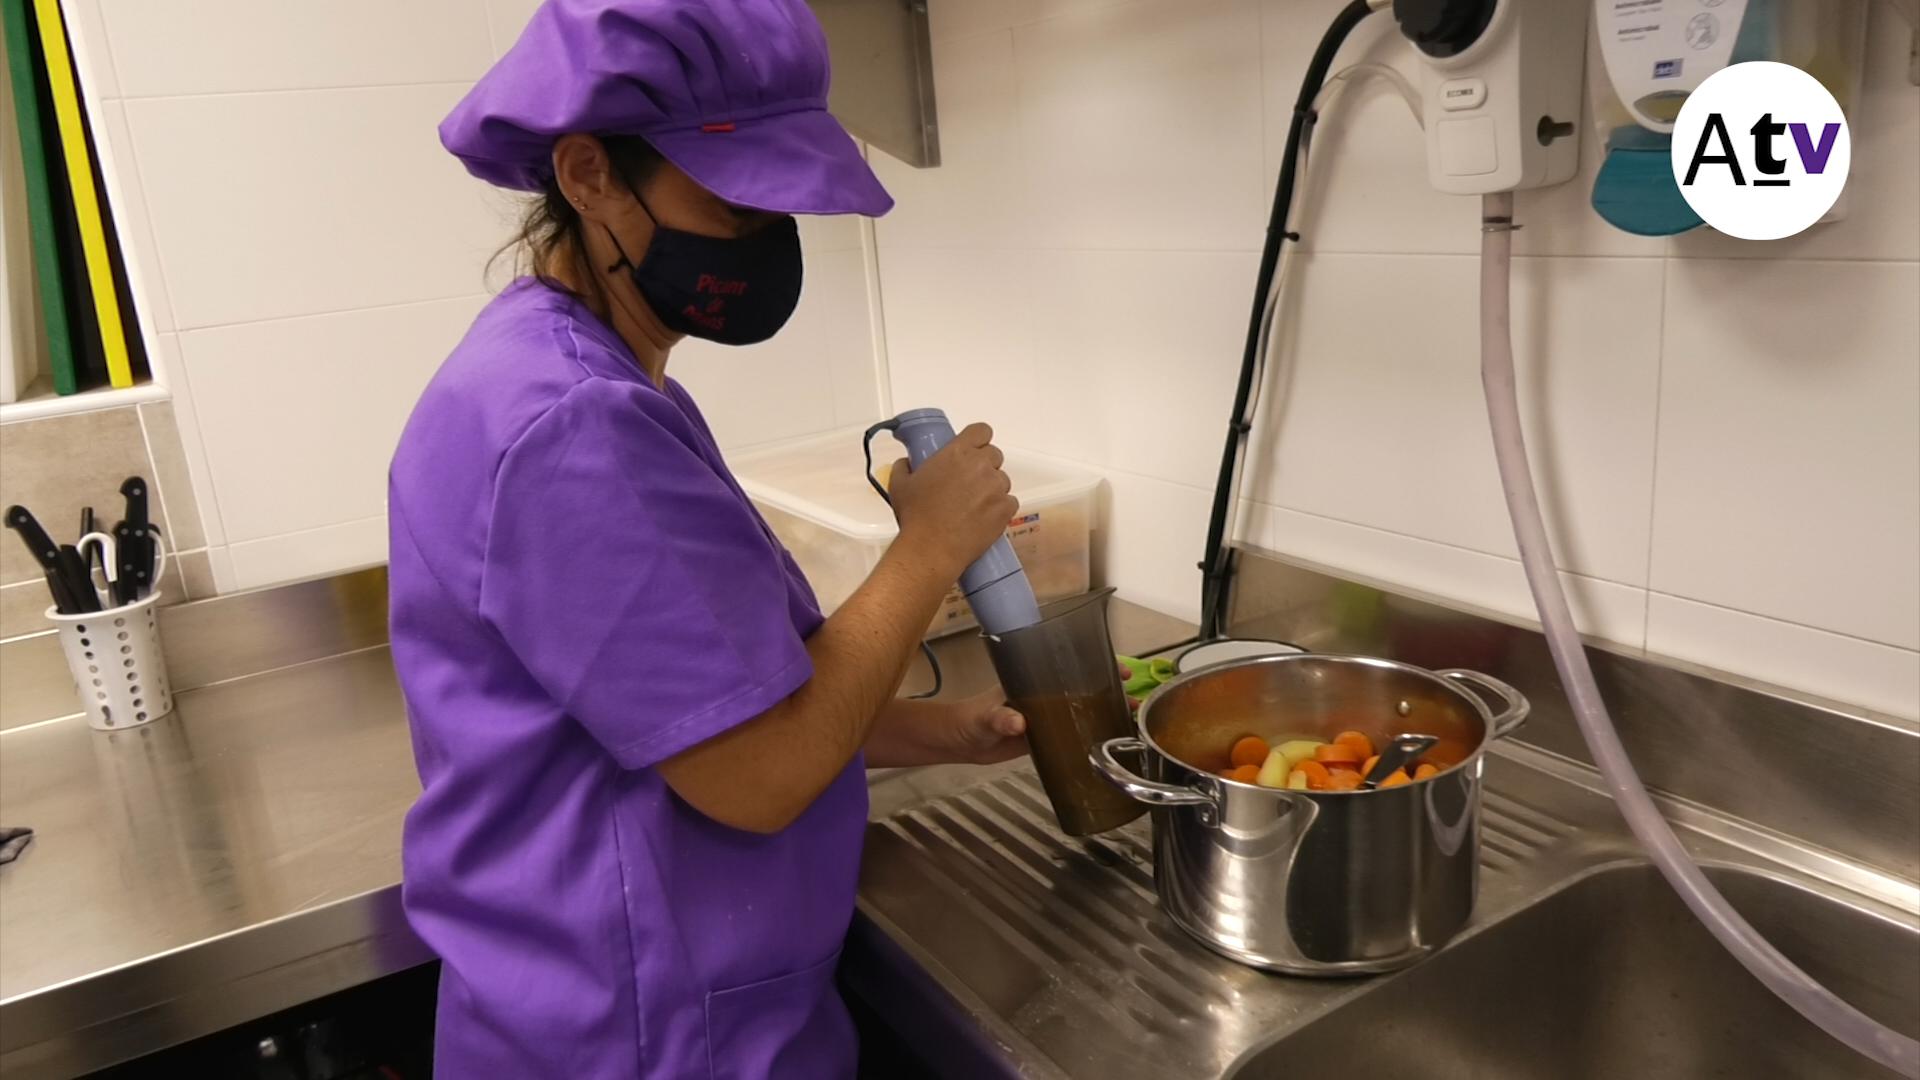 NOU REPORTATGE: L'Escola Bressol la Petjada ja té cuina pròpia i plaques solars